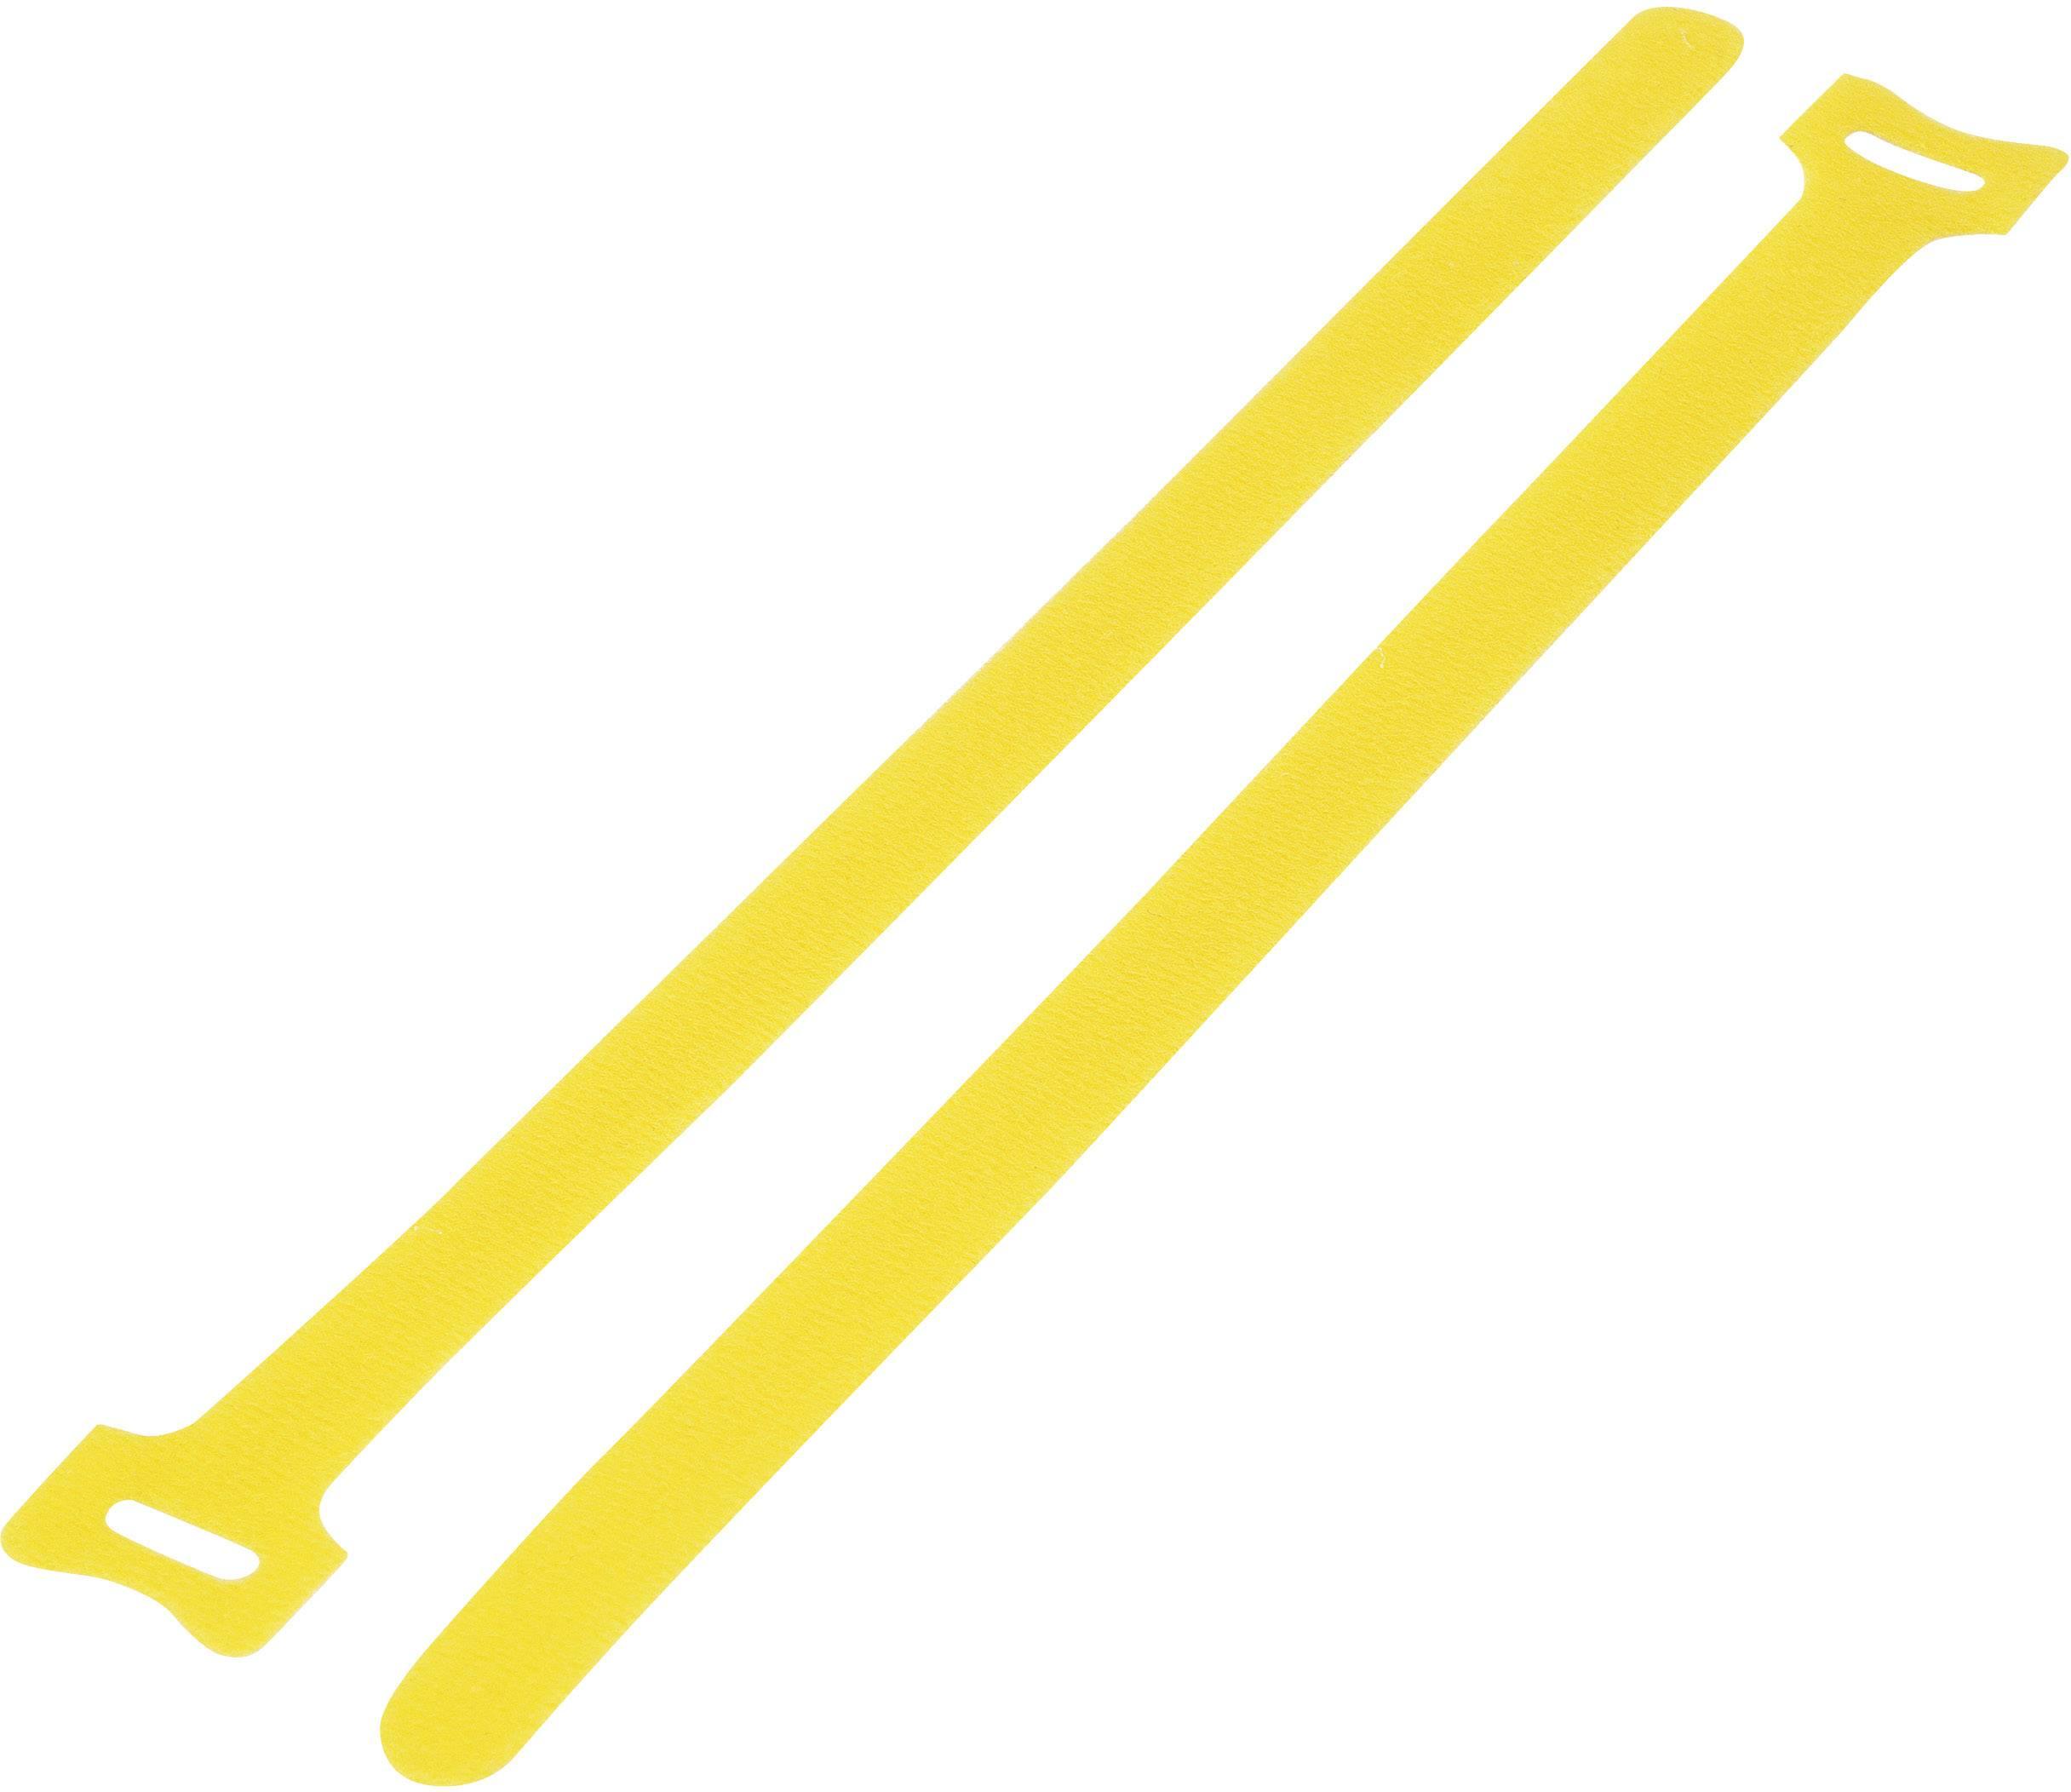 Káblový manažér na suchý zips TRU COMPONENTS TC-MGT-135YW203, (d x š) 135 mm x 12 mm, žltá, 1 ks